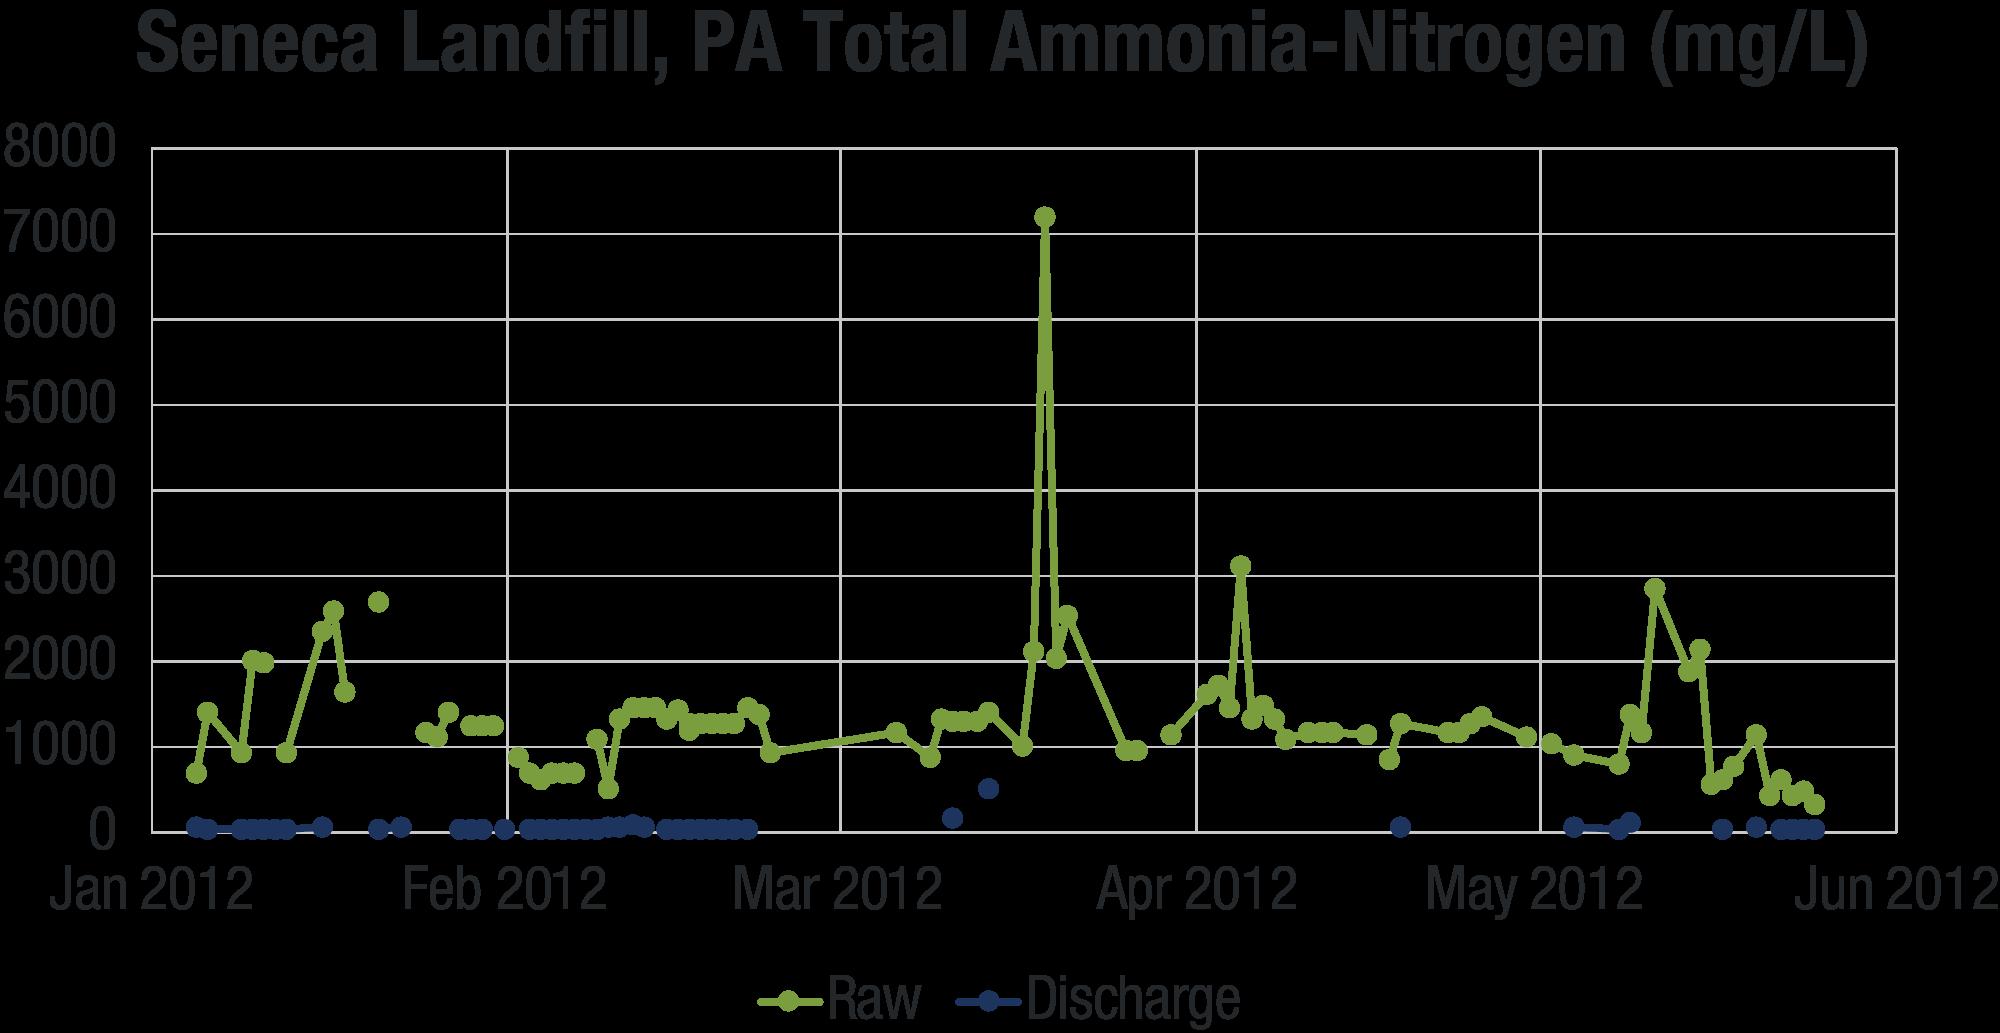 BioPortz - Seneca Landfill PA TAN Graph.png